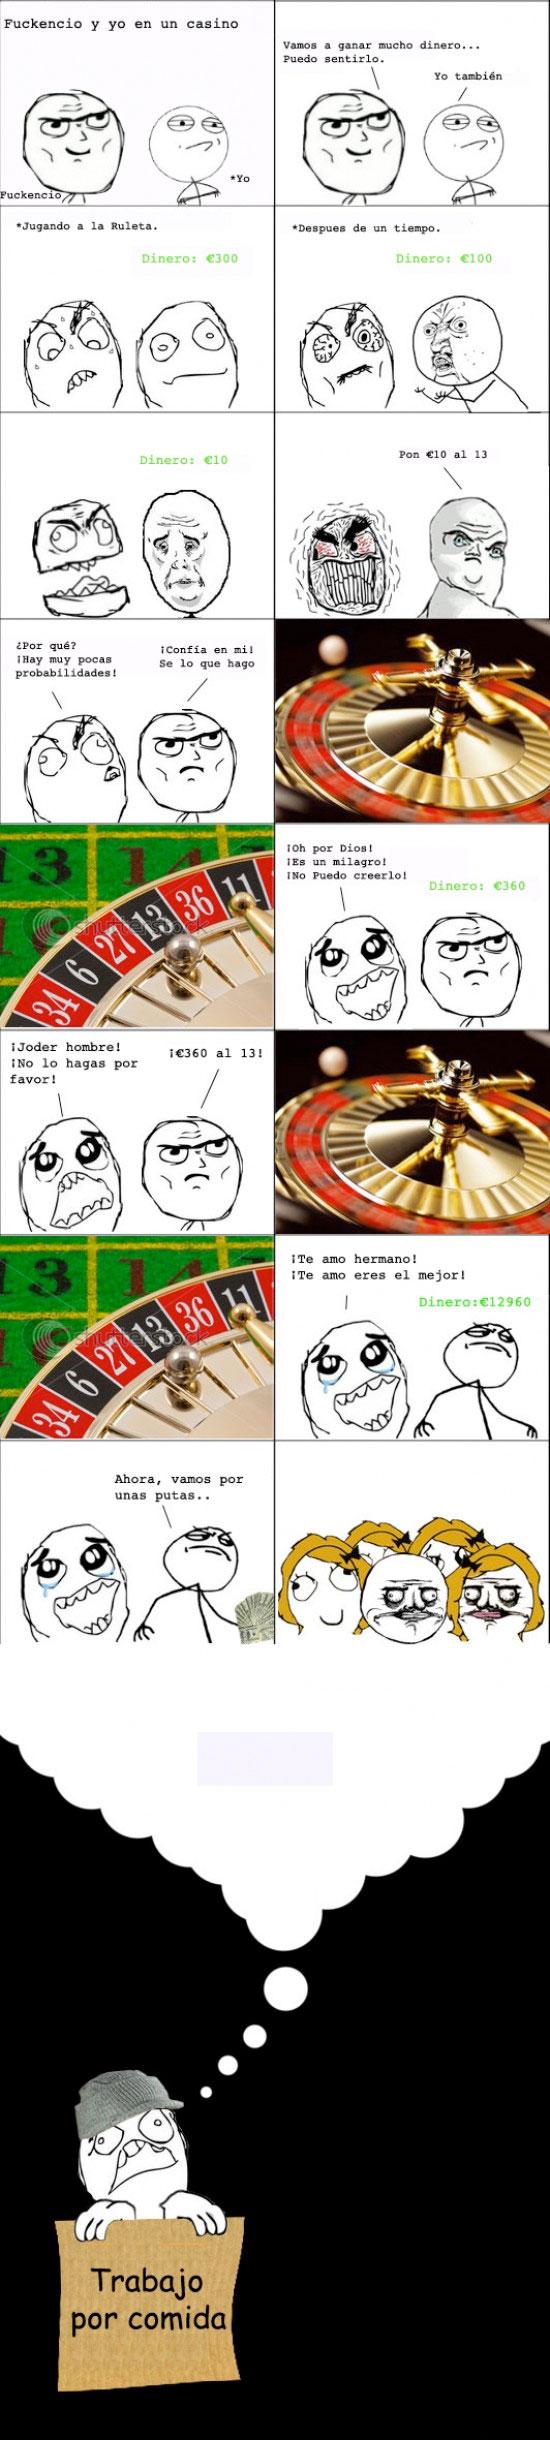 Ffffuuuuuuuuuu - En el Casino